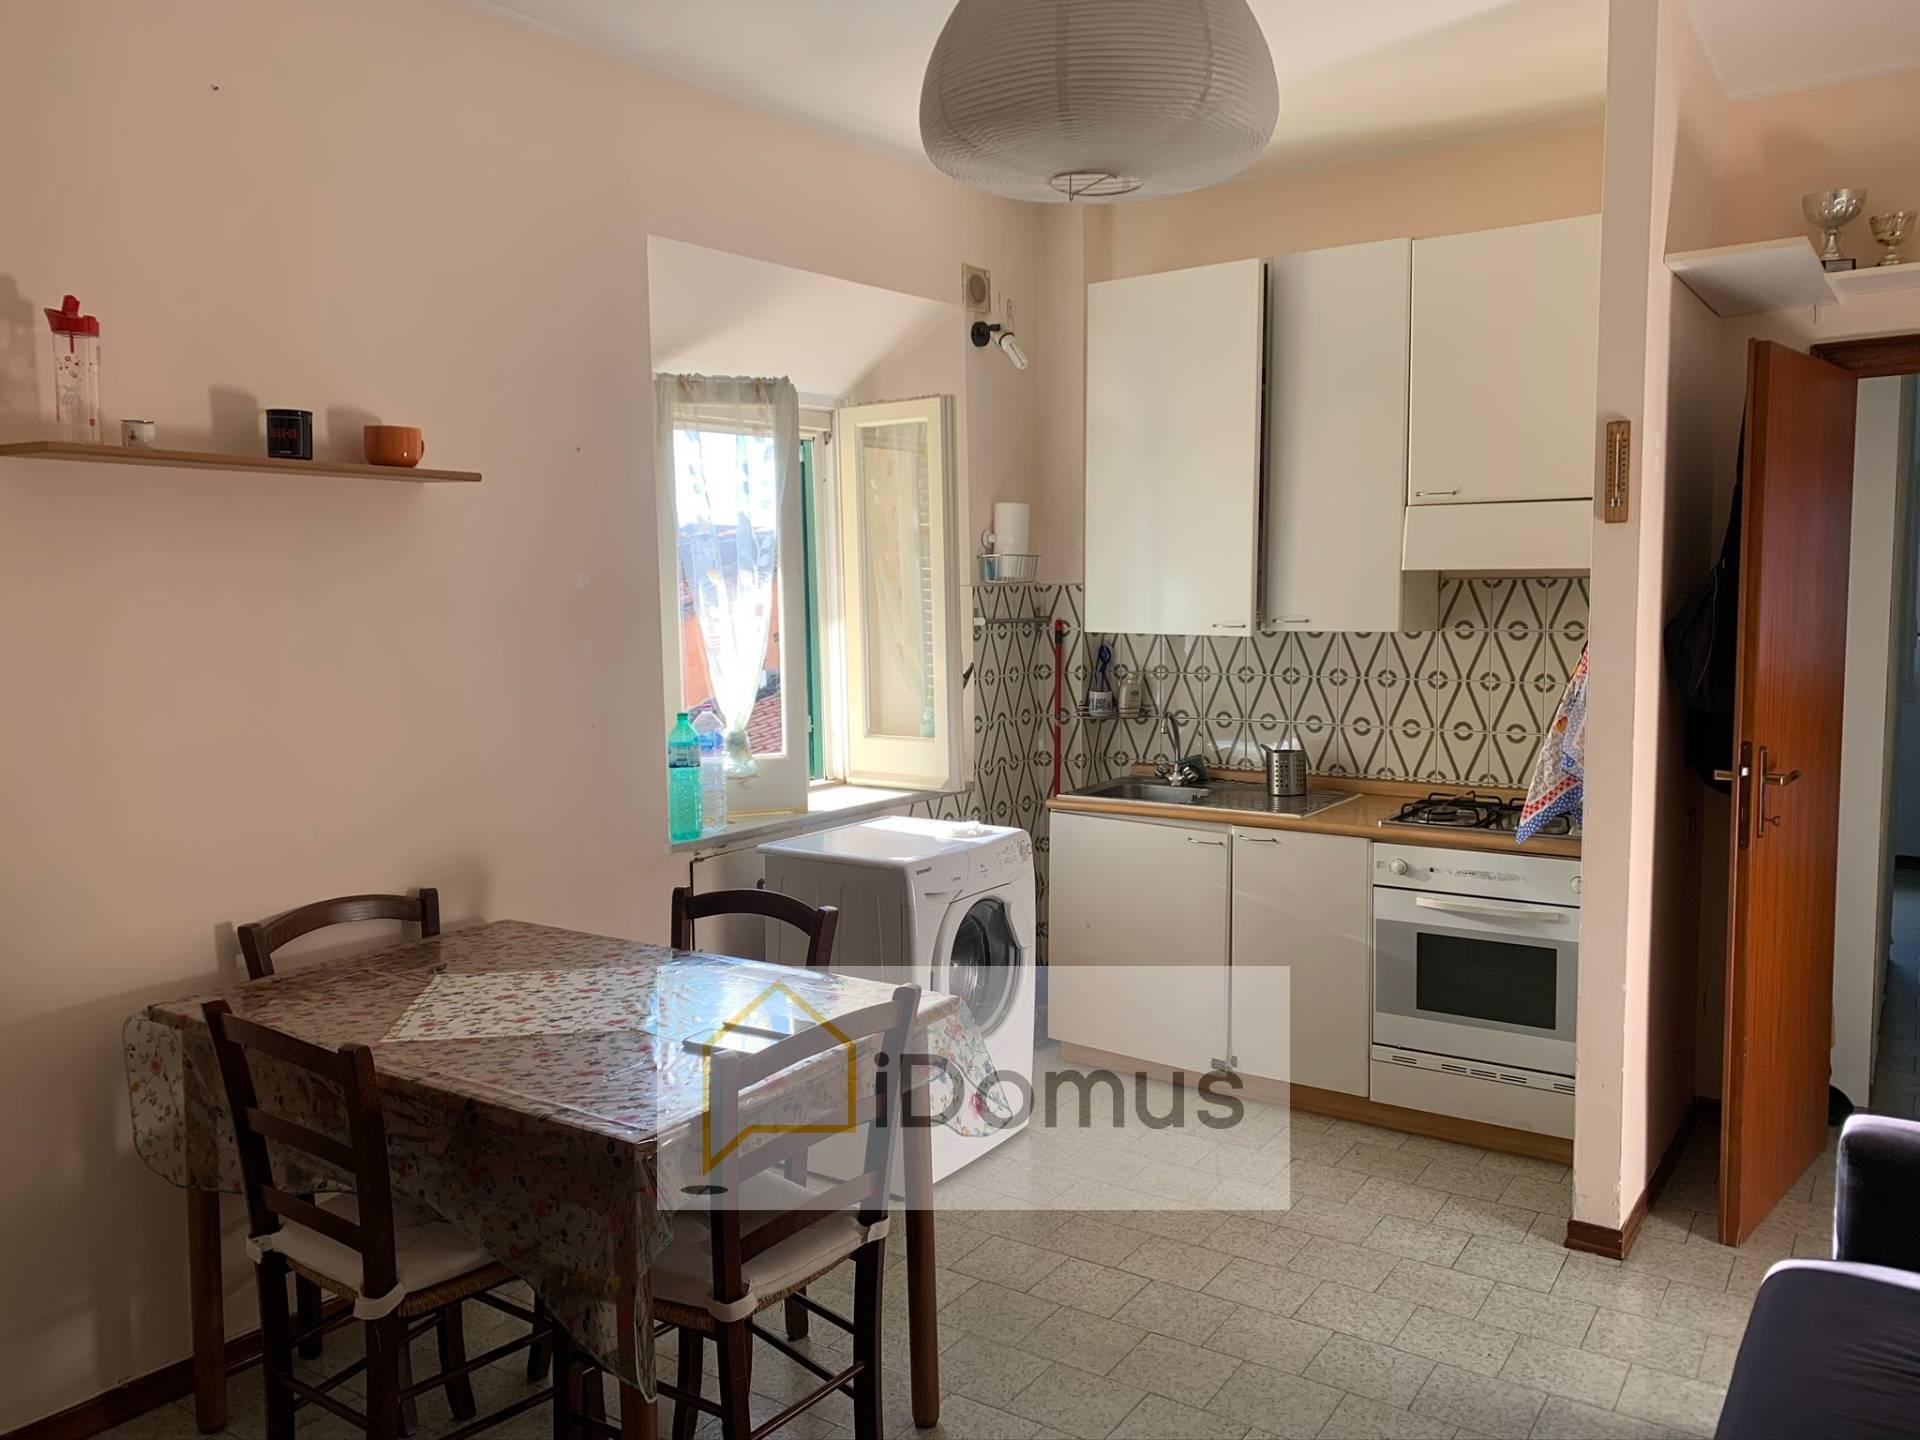 Appartamento, 45 Mq, Vendita - Pisa (Pisa)